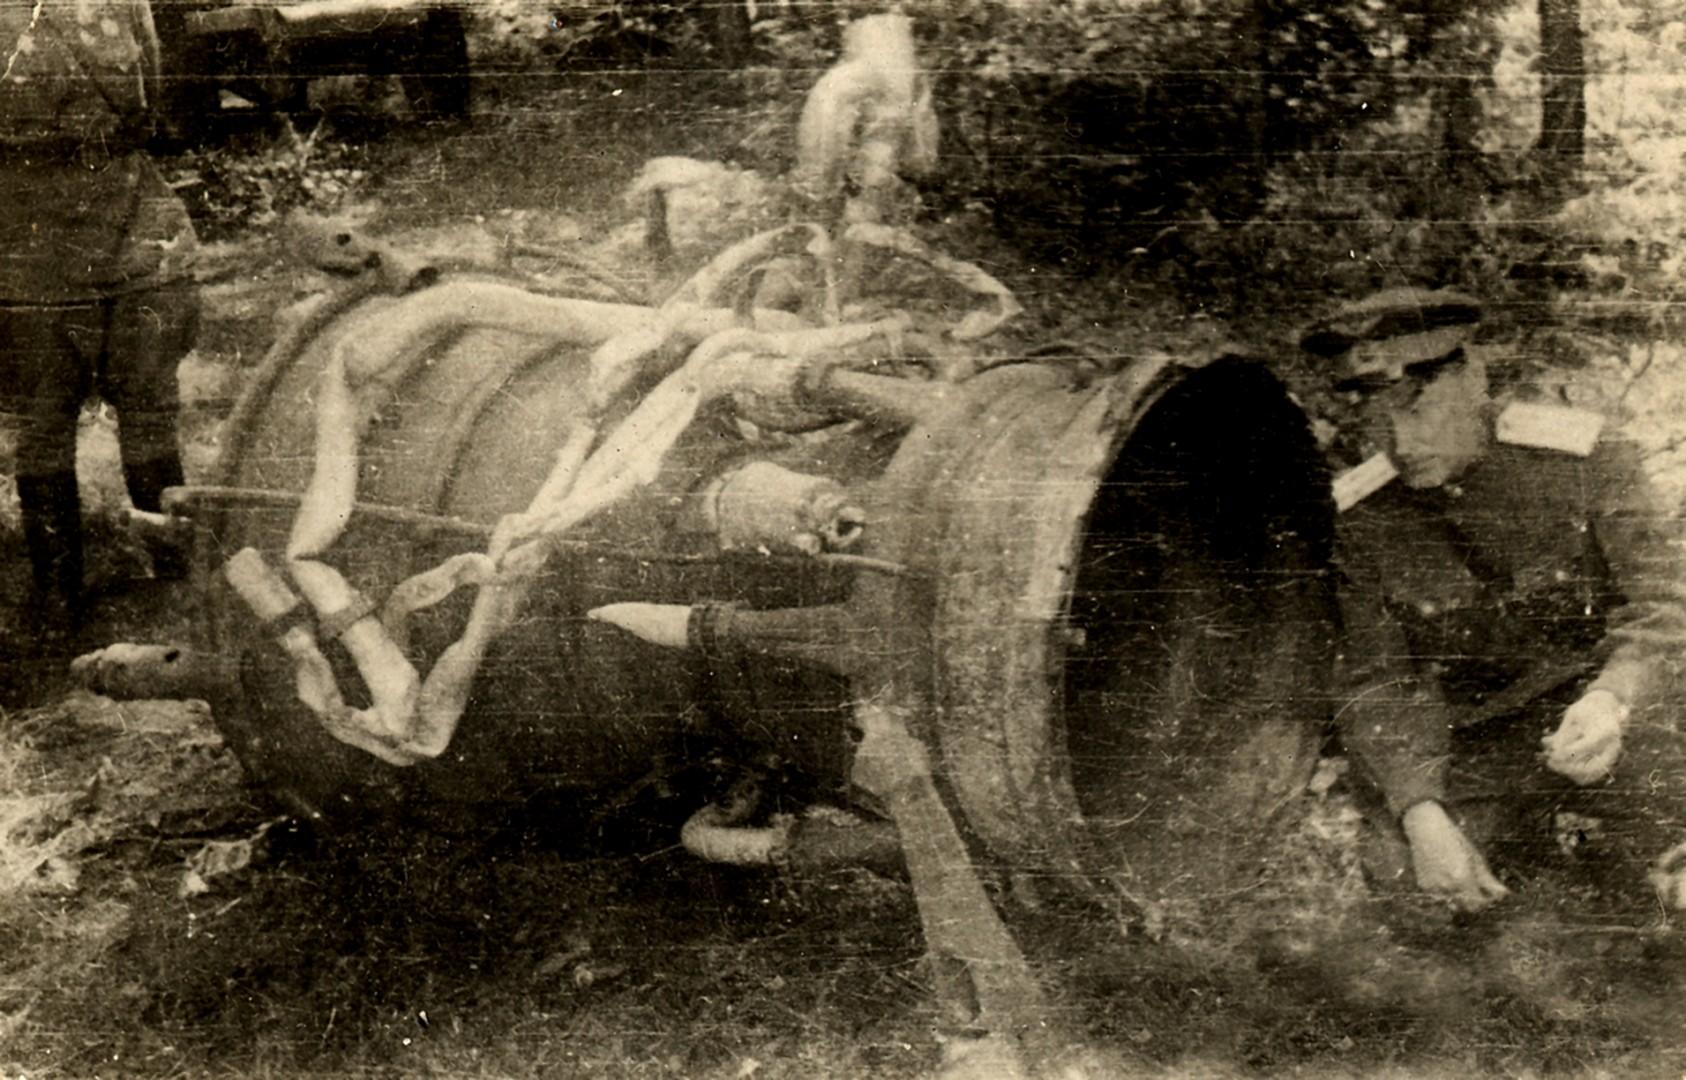 М.К. Тихонравов с фрагментом двигательной установкой ракеты А-4 («Фау-2»).